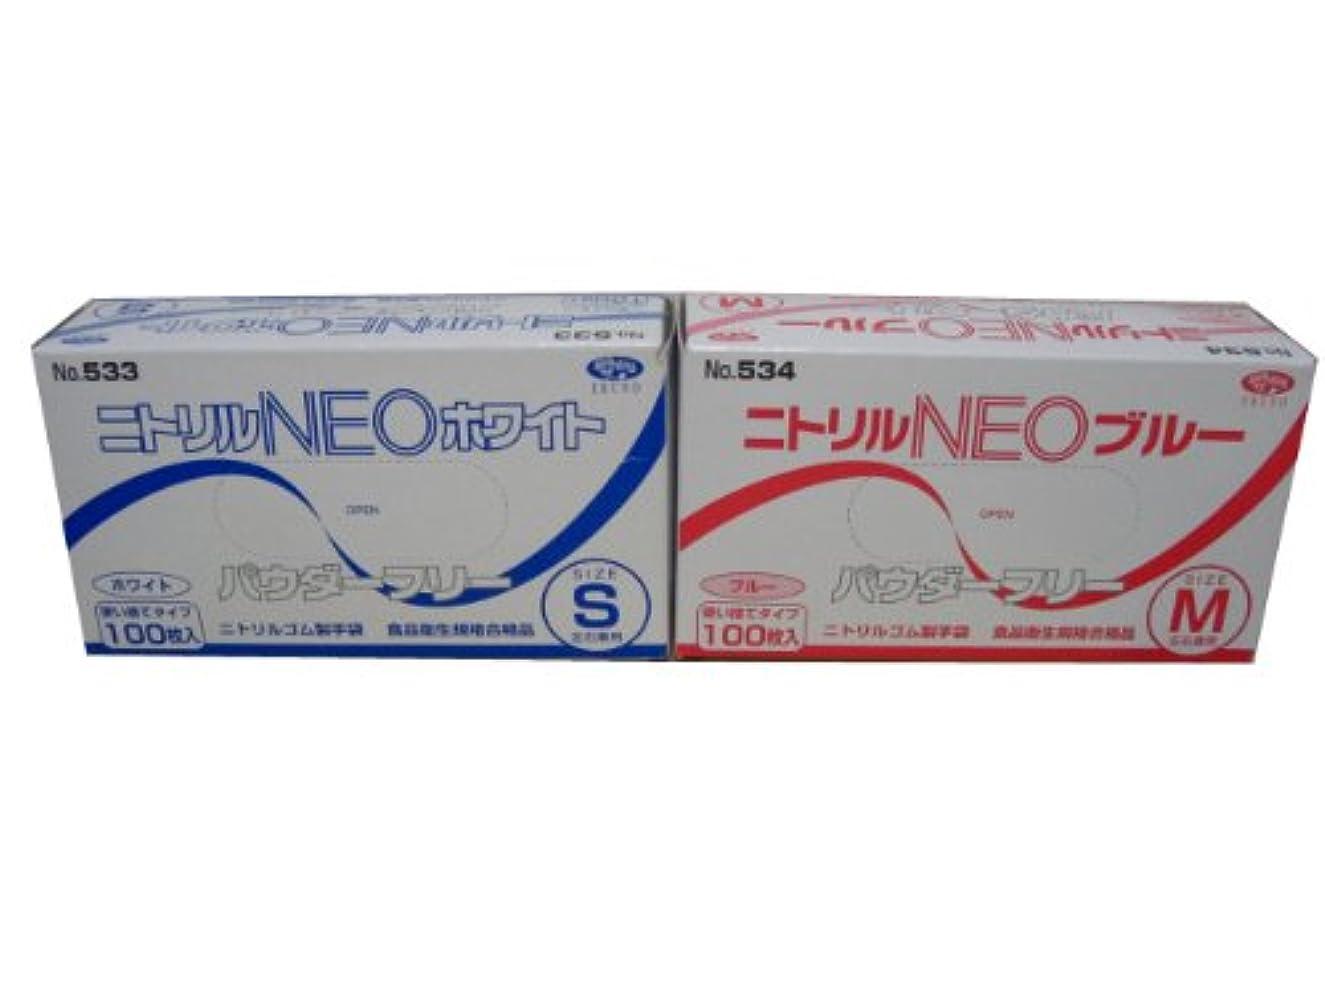 コロニアル塩ありがたい使い捨て手袋 エブノ ニトリルNEO No.534 粉無※青S 100枚X30箱 3000枚